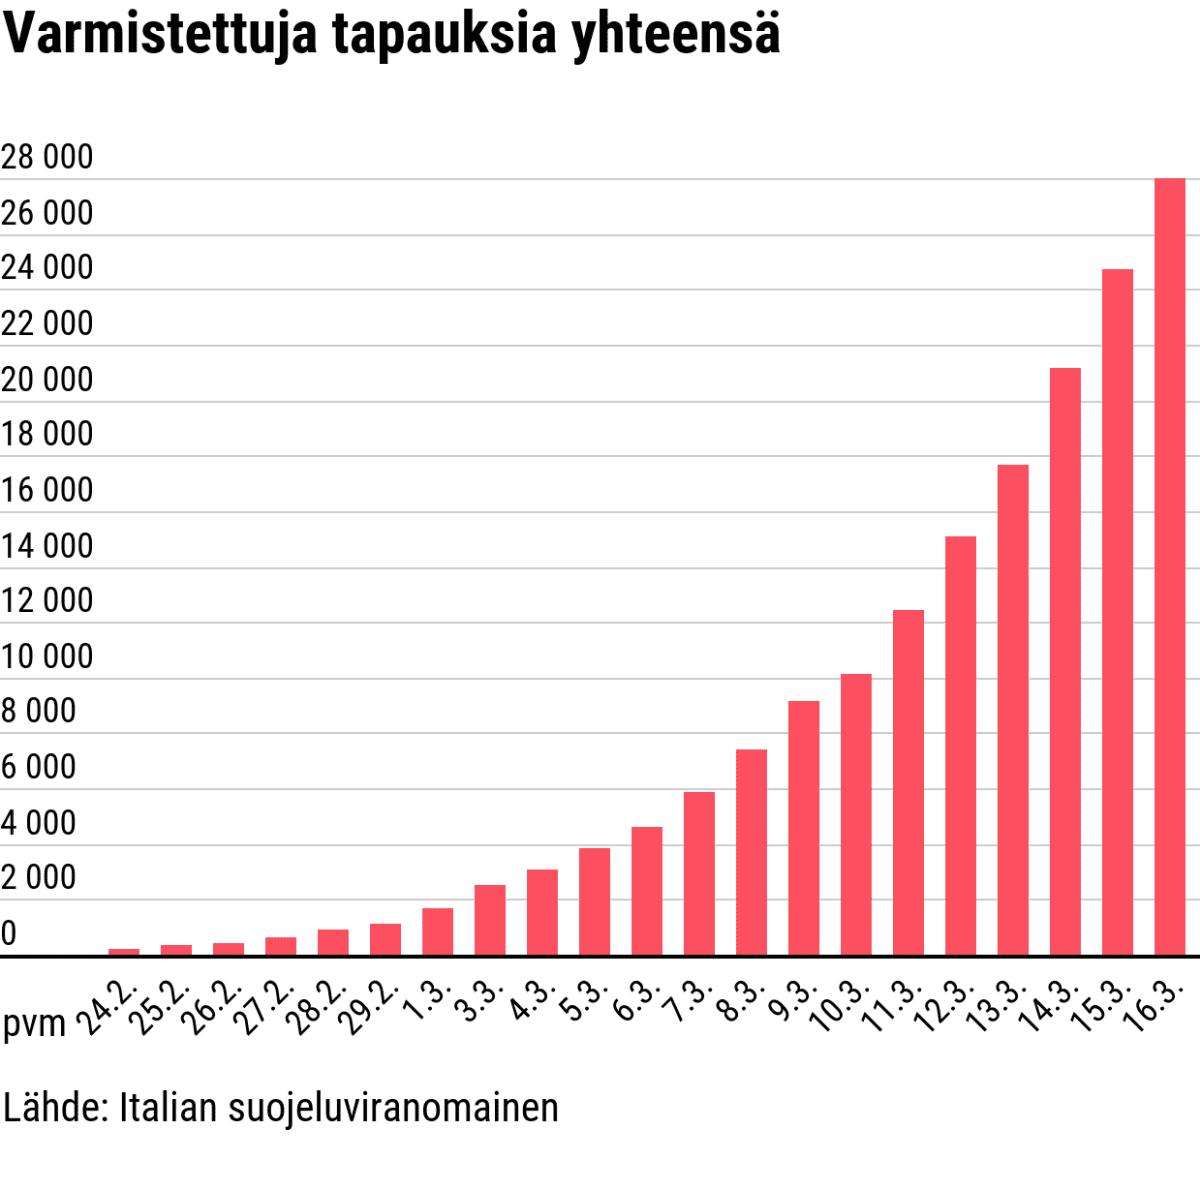 Tilastografiikka koronavirukseen sairastuneiden varmistuneiden tapausten määrästä Italiassa helmi-maaliskuussa 2020.